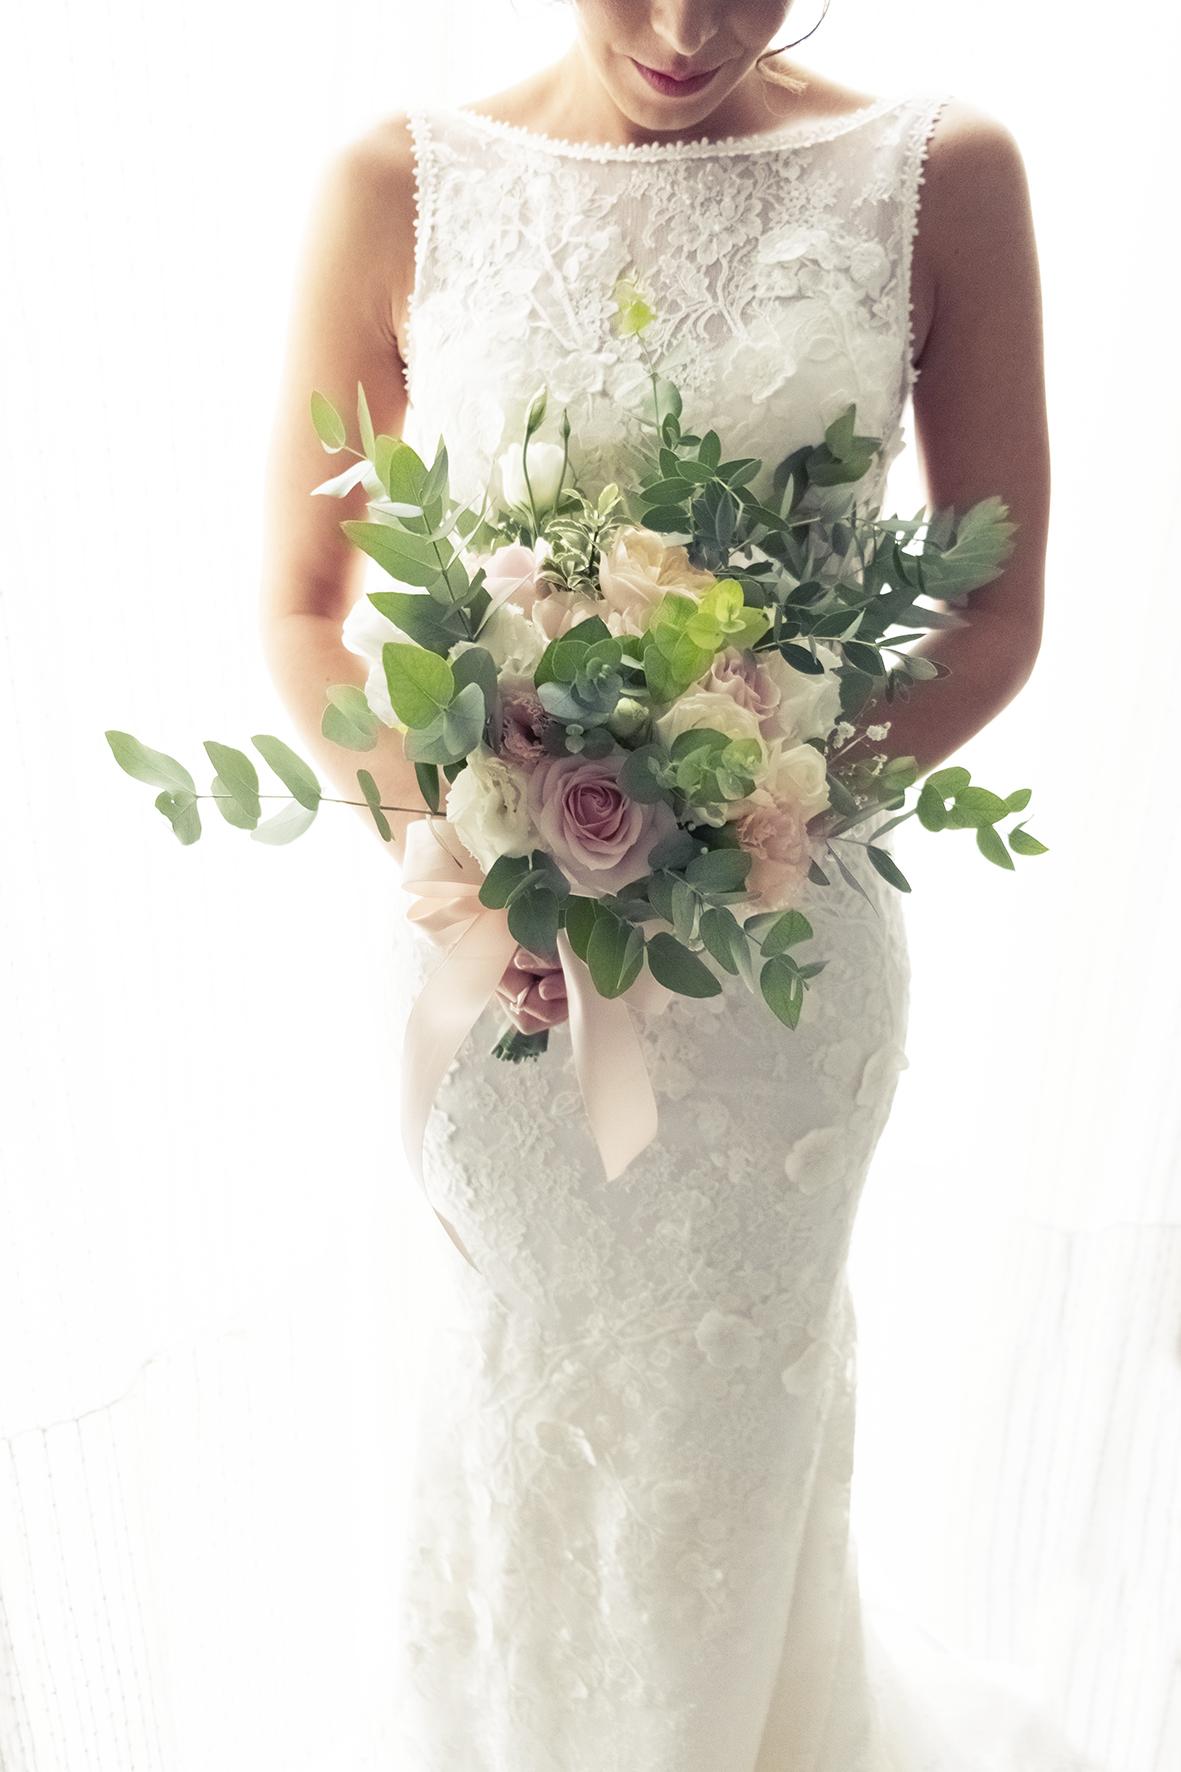 post produzione foto di matrimonio effetto vintage